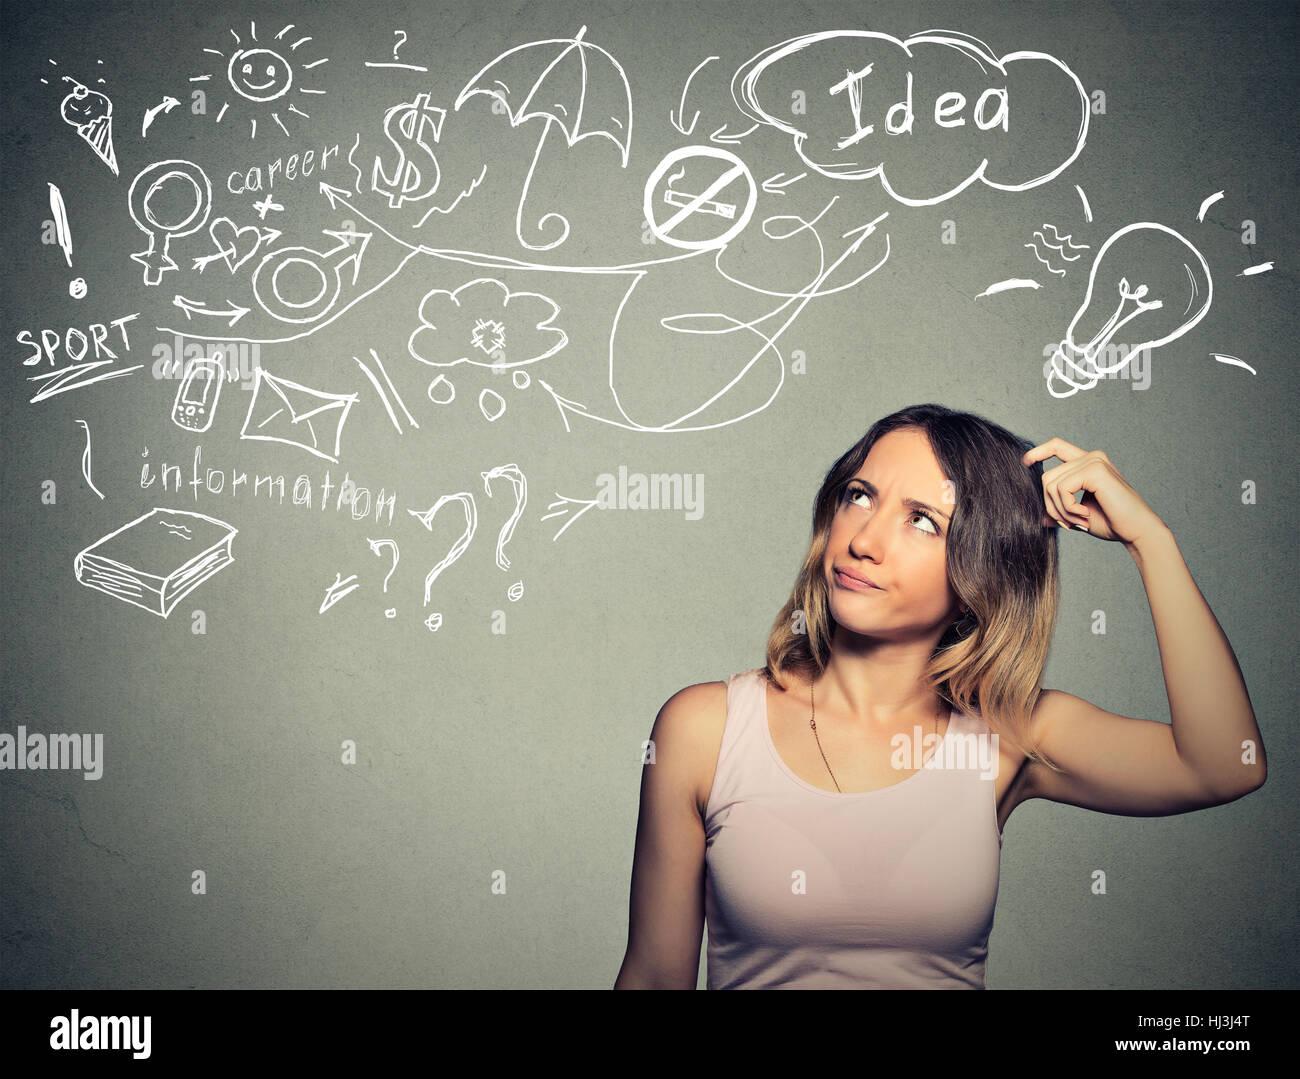 Porträt verwirrt junge Frau dachte, Kopf kratzen hat viele Ideen nachschlagen isoliert graue Wand Background. Stockbild